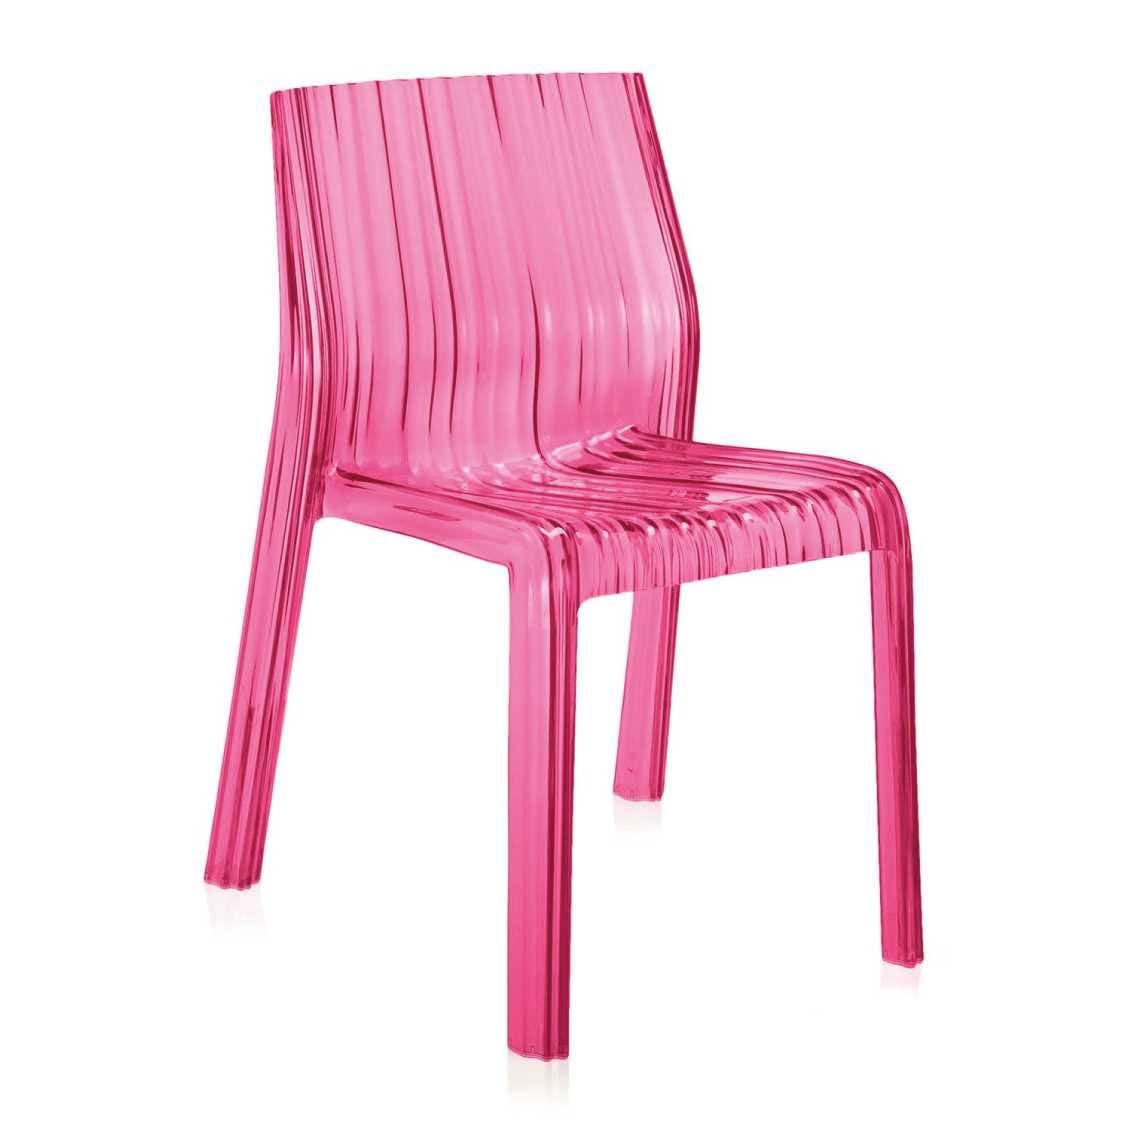 roze stoel kartell frilly chair